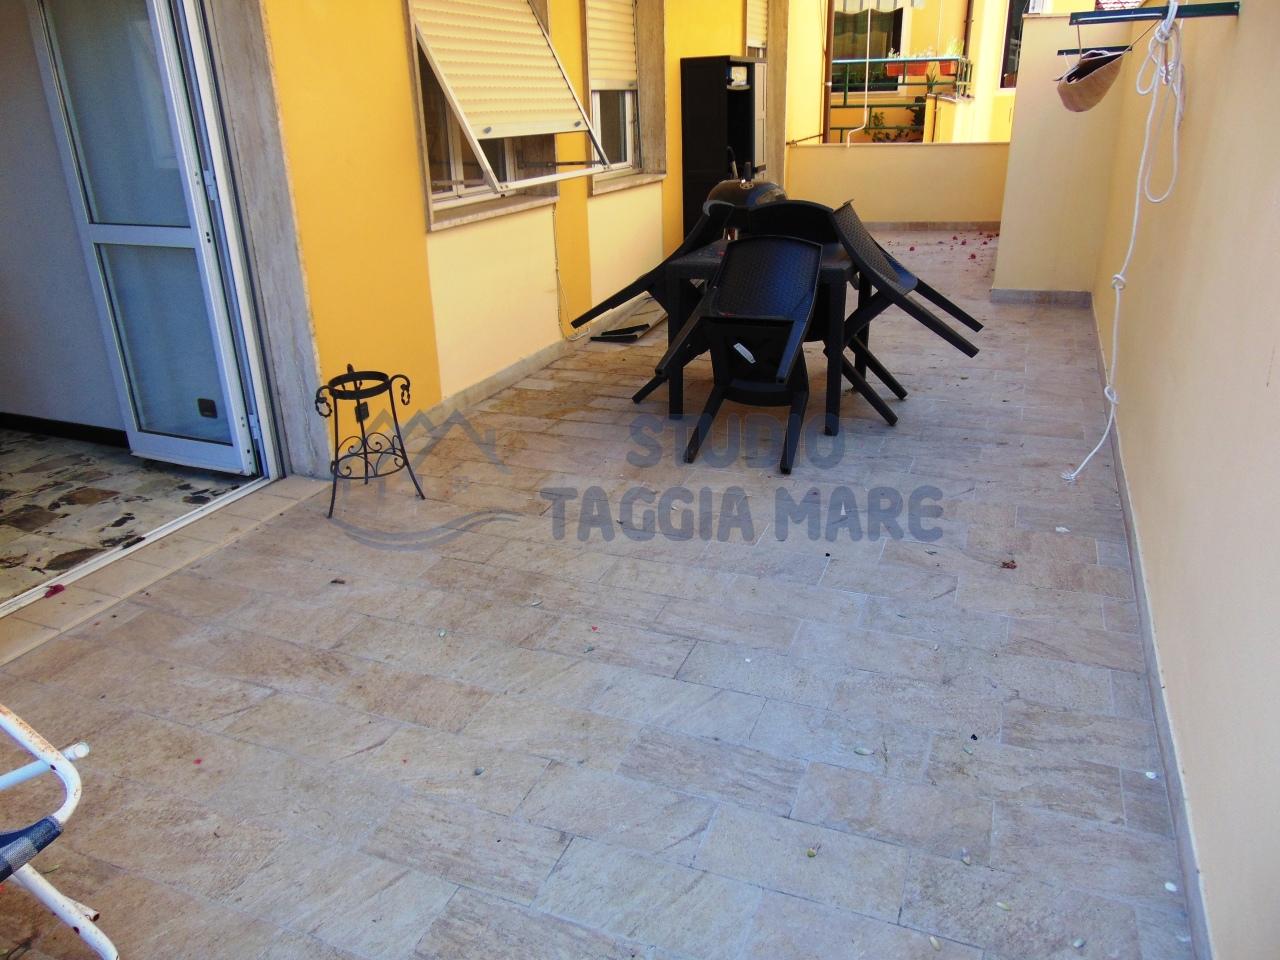 Appartamento in affitto a Taggia, 4 locali, prezzo € 600 | CambioCasa.it